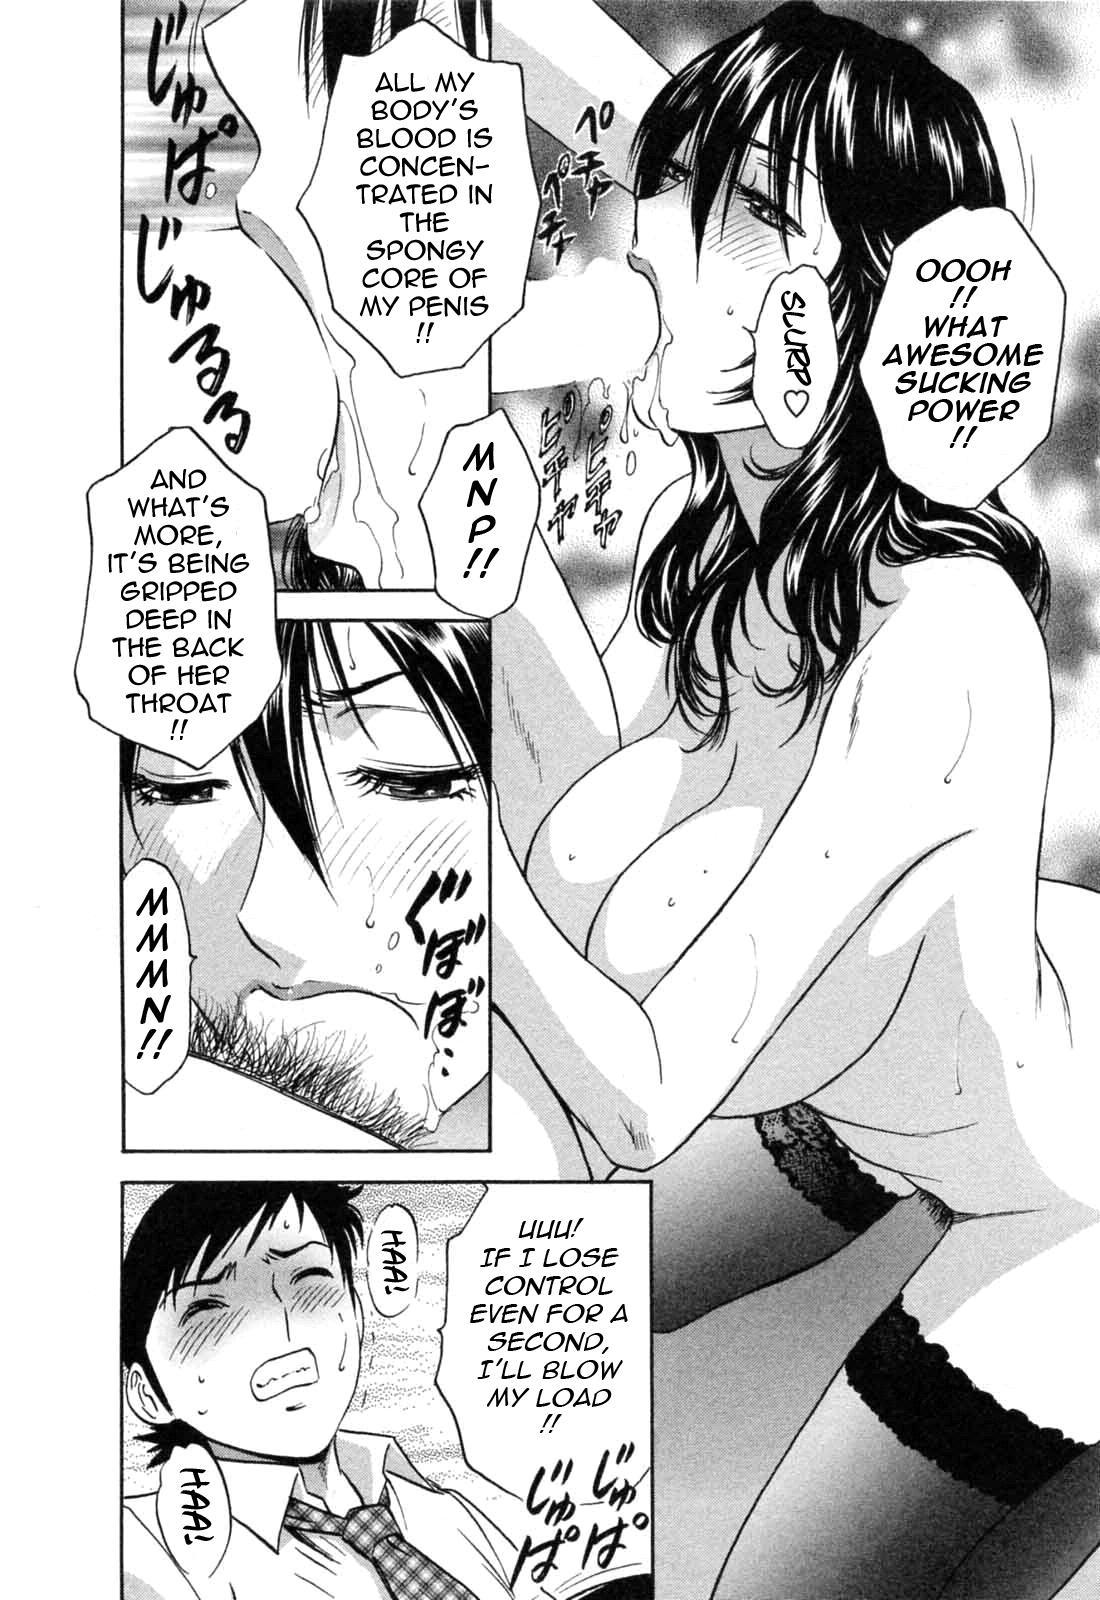 [Hidemaru] Mo-Retsu! Boin Sensei (Boing Boing Teacher) Vol.5 [English] [4dawgz] [Tadanohito] 20